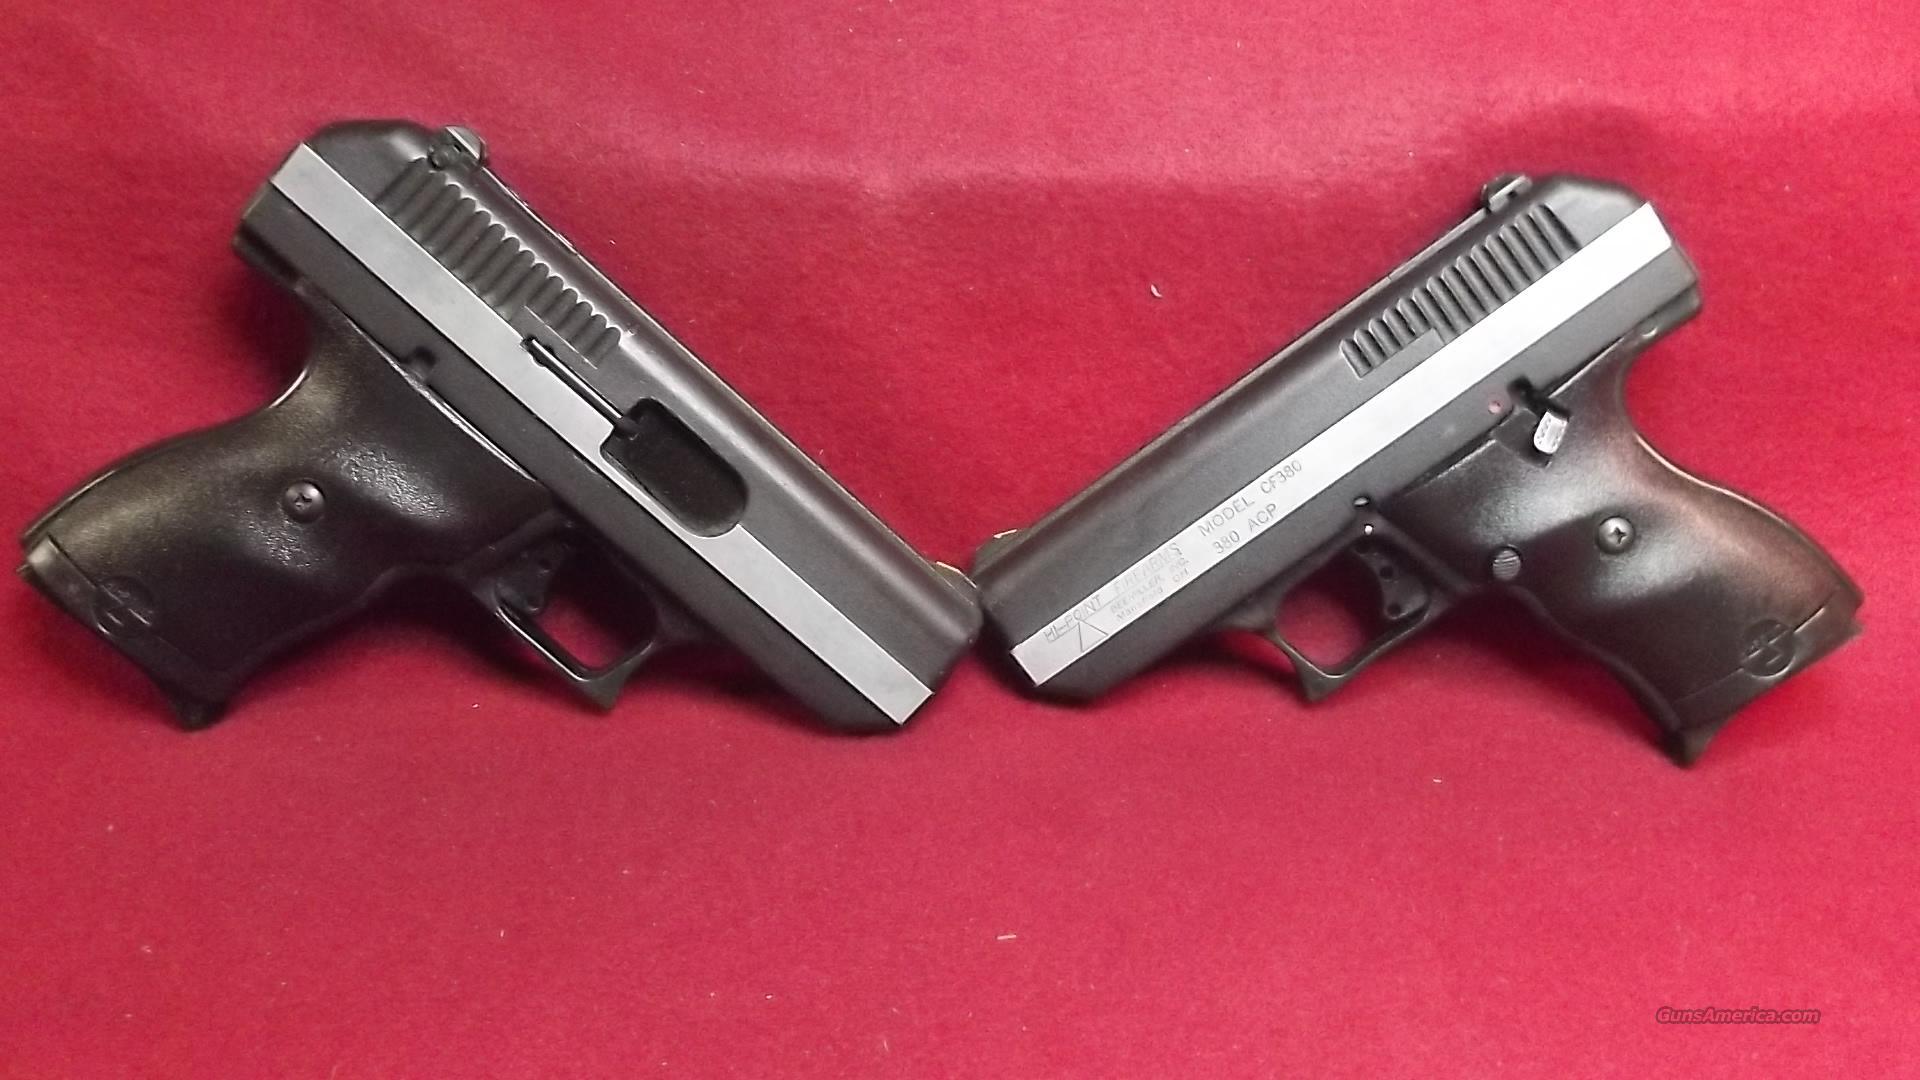 HI POINT 380 X TWO (BUYING 2 GUNS)